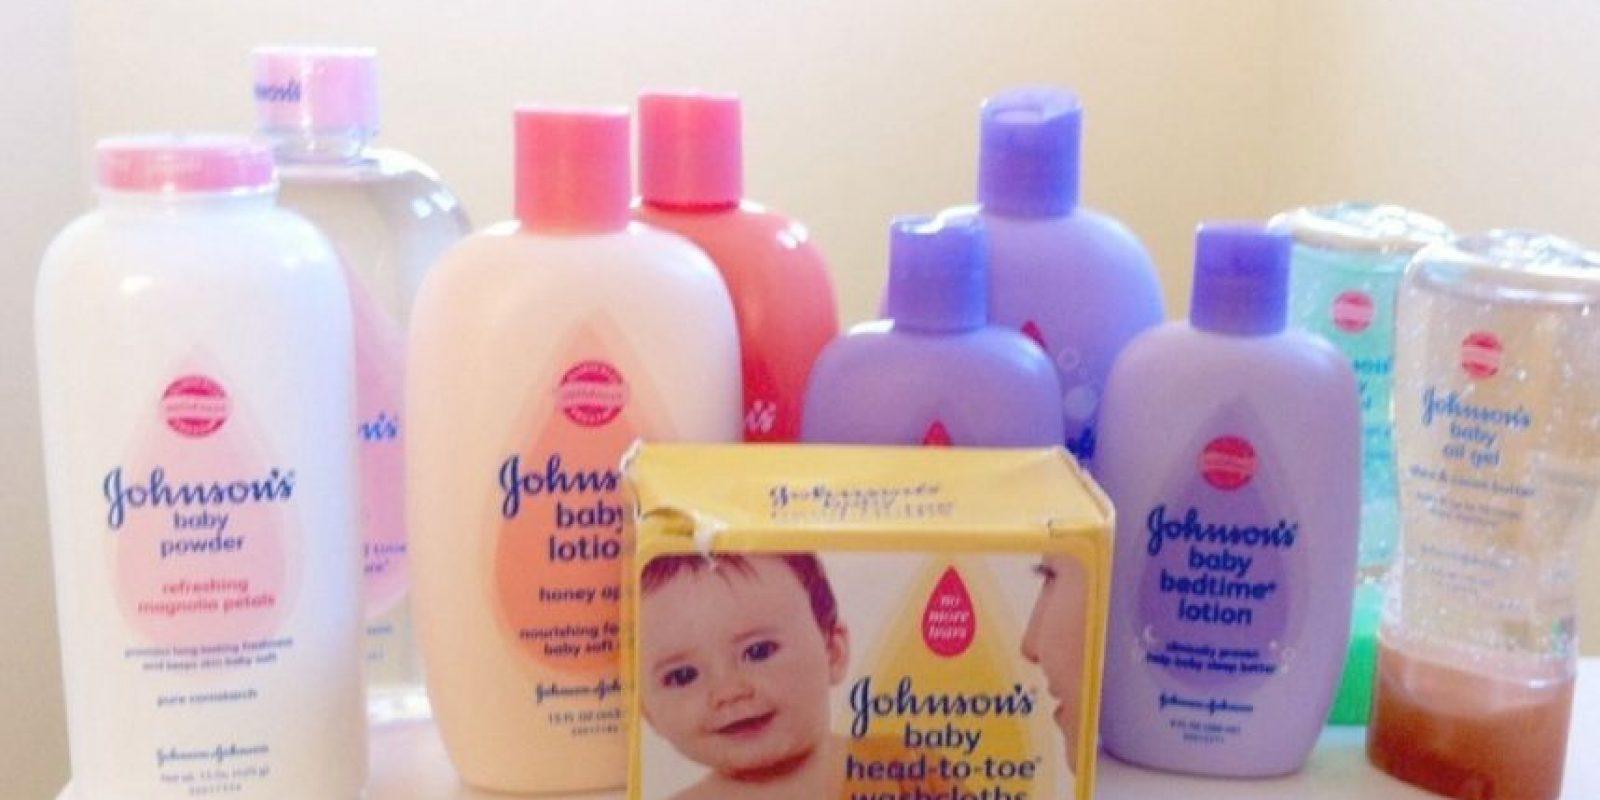 De acuerdo con el portal Actualidad RT, la compañía ha recibido distintas demandas relacionadas con cáncer. Foto:consaborakafe.com